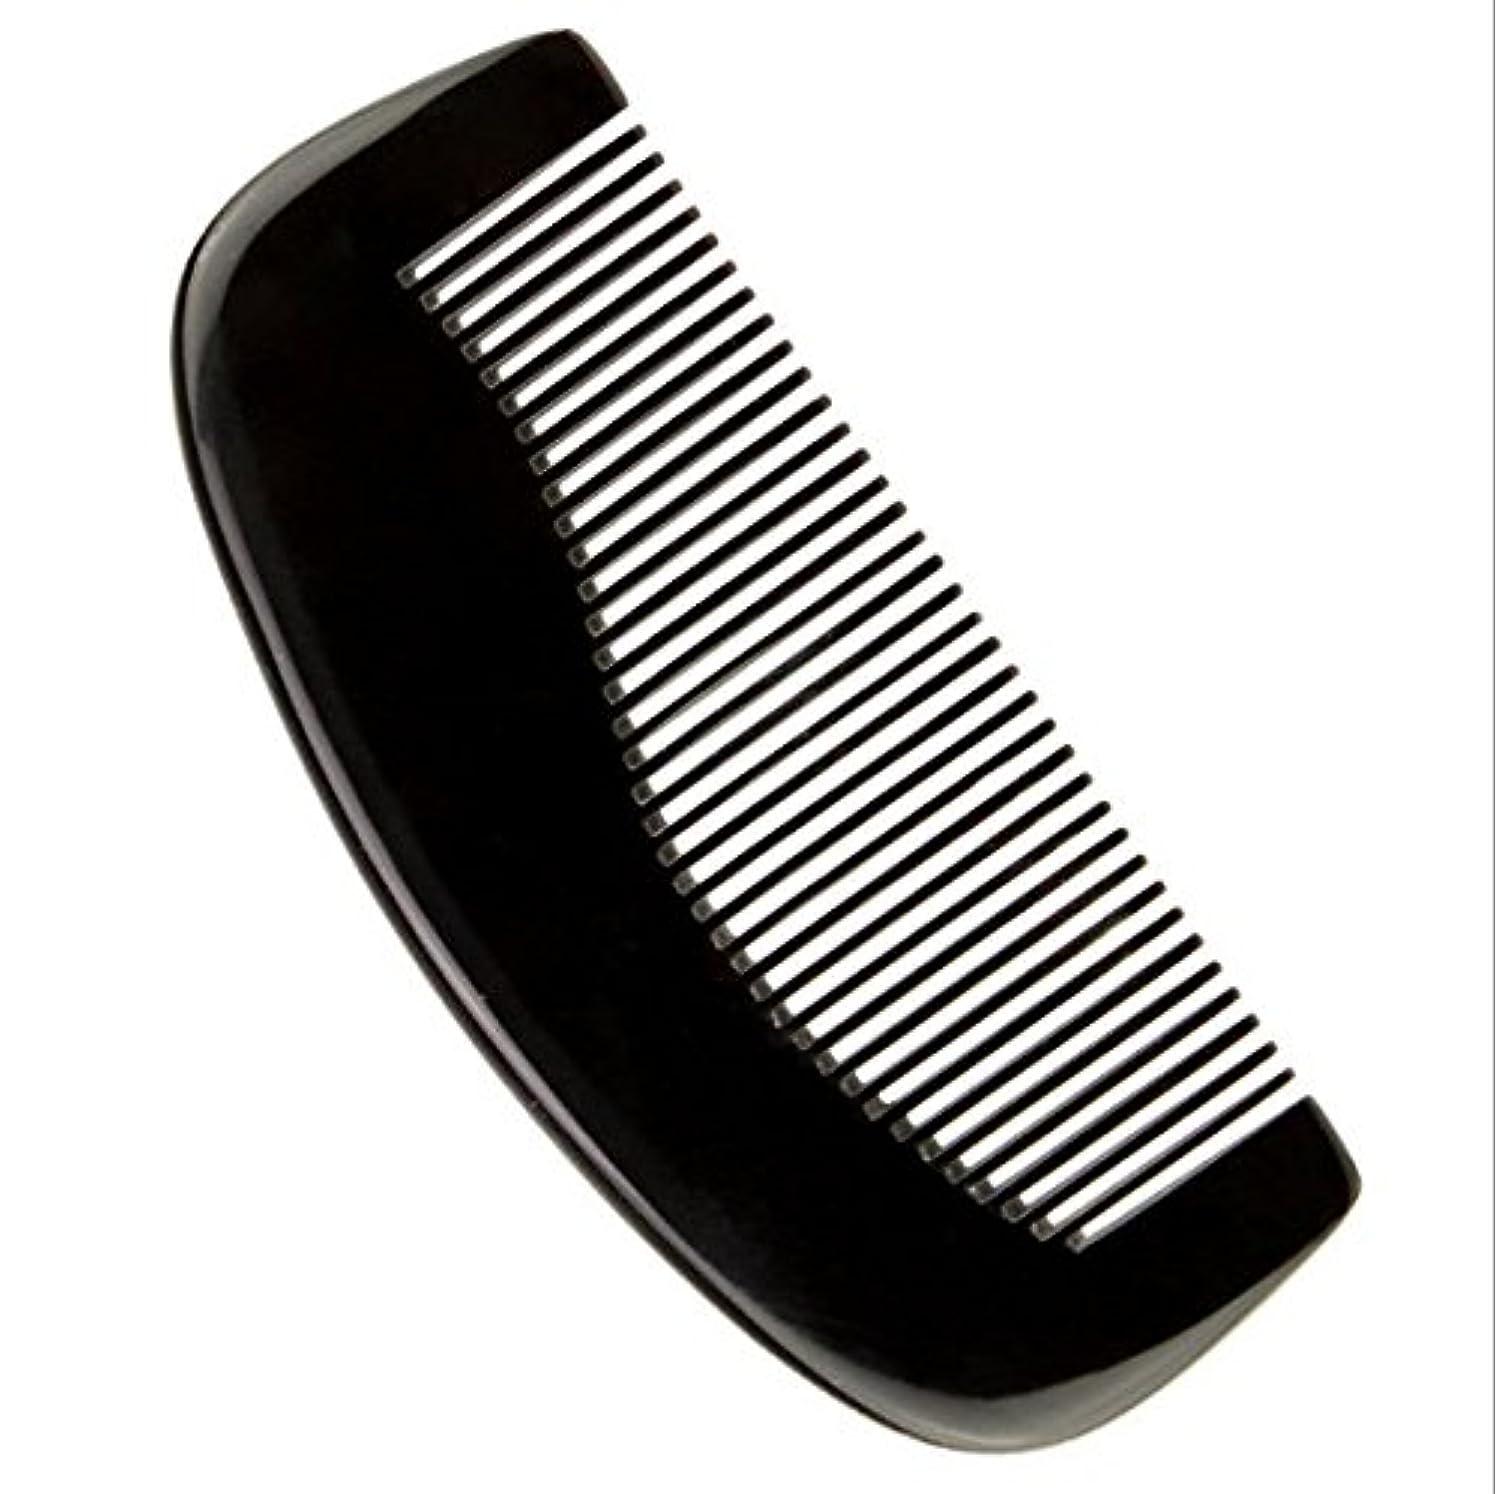 浴分配します賛辞櫛型 プロも使う牛角かっさプレート 牛櫛 高級 天然 静電気 防止 美髪 粗歯 櫛型 美顔 ボディ リンパマッサージ